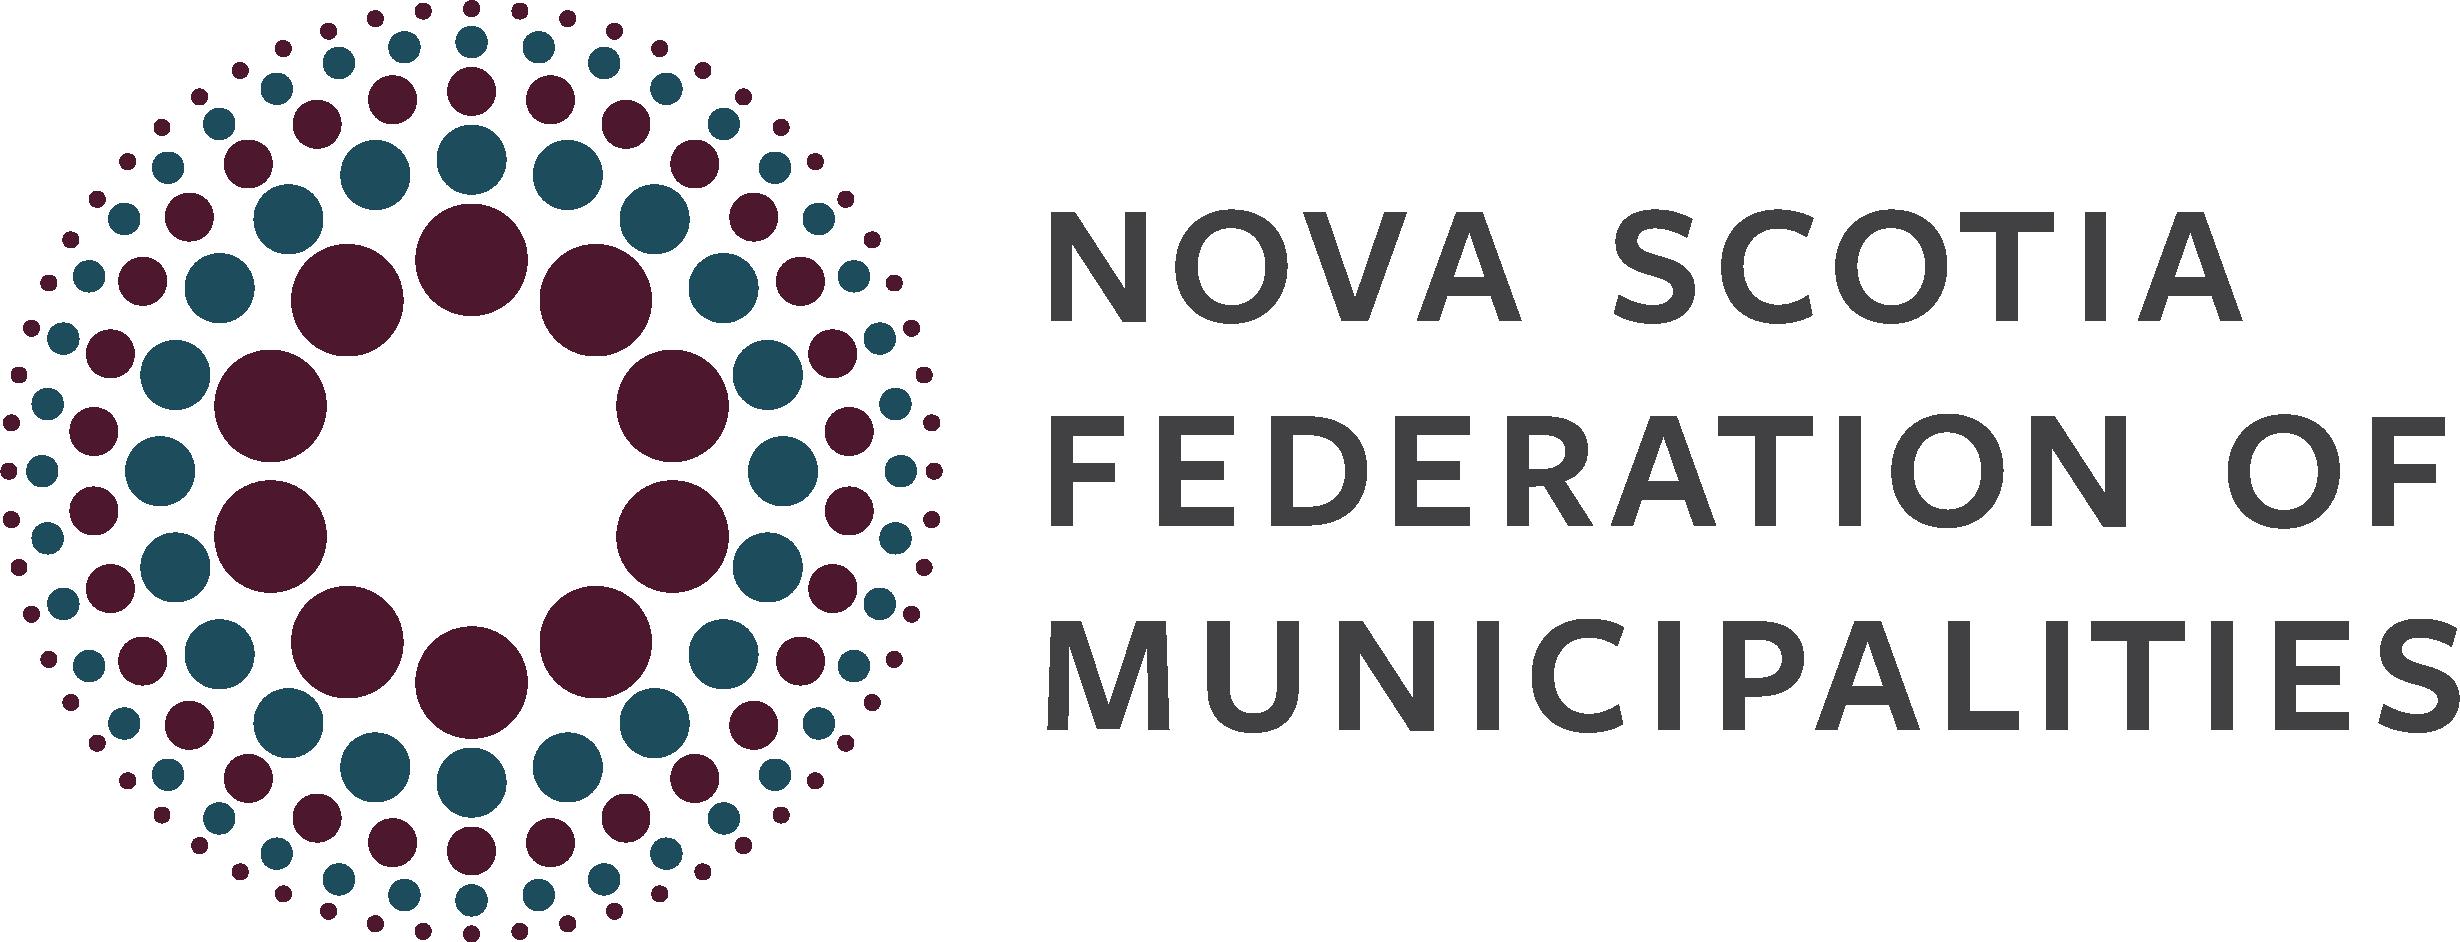 NSFM Spring Conference 2021